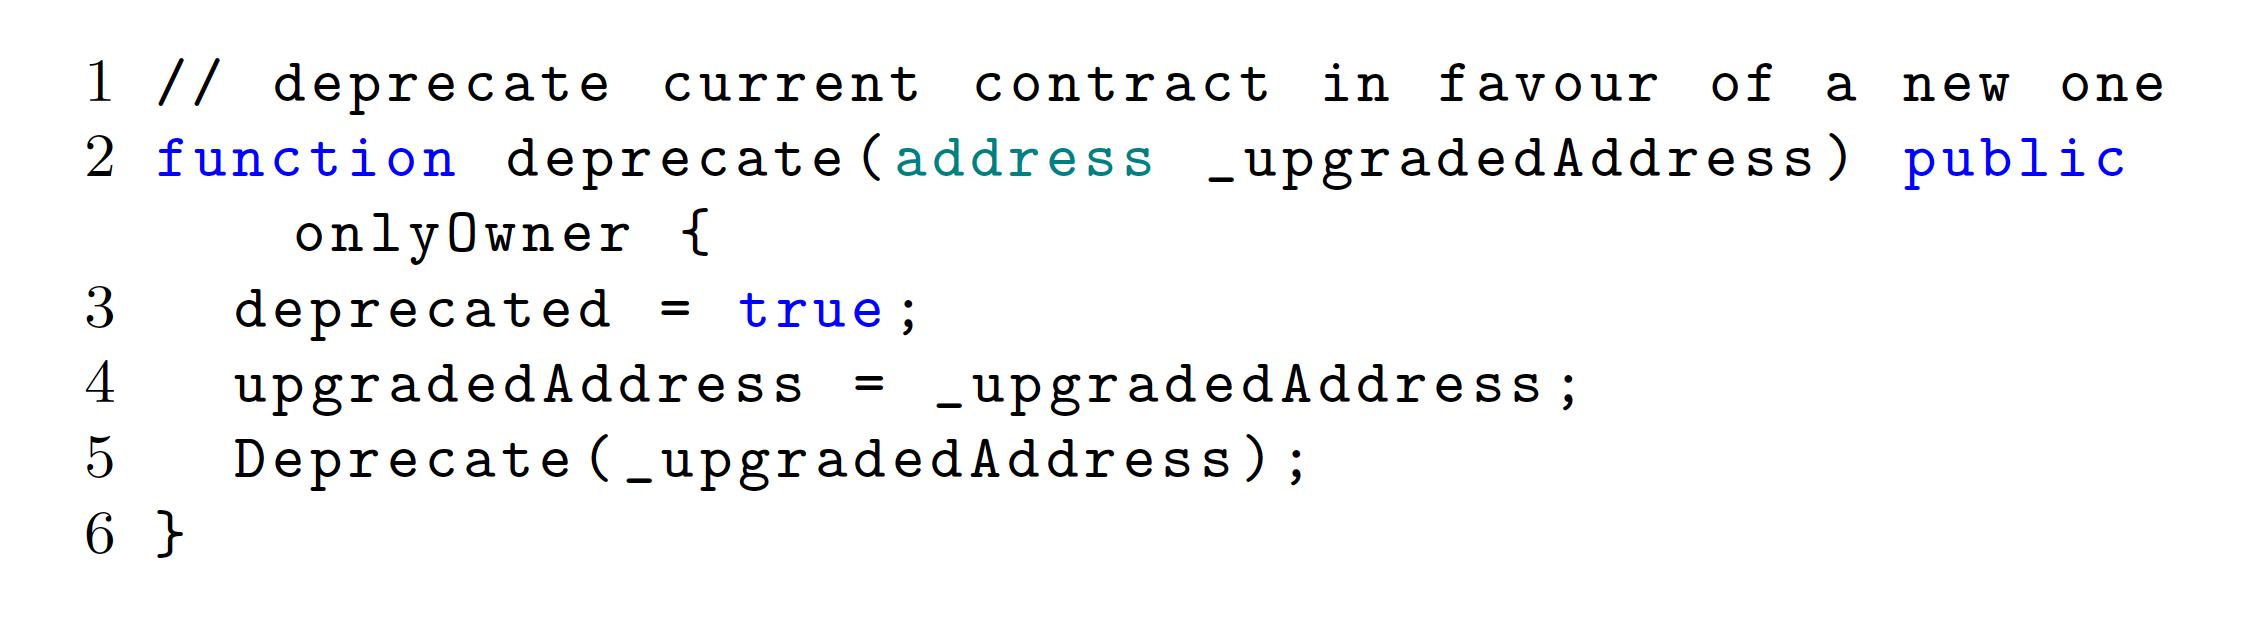 그림 3. Deprecation 코드